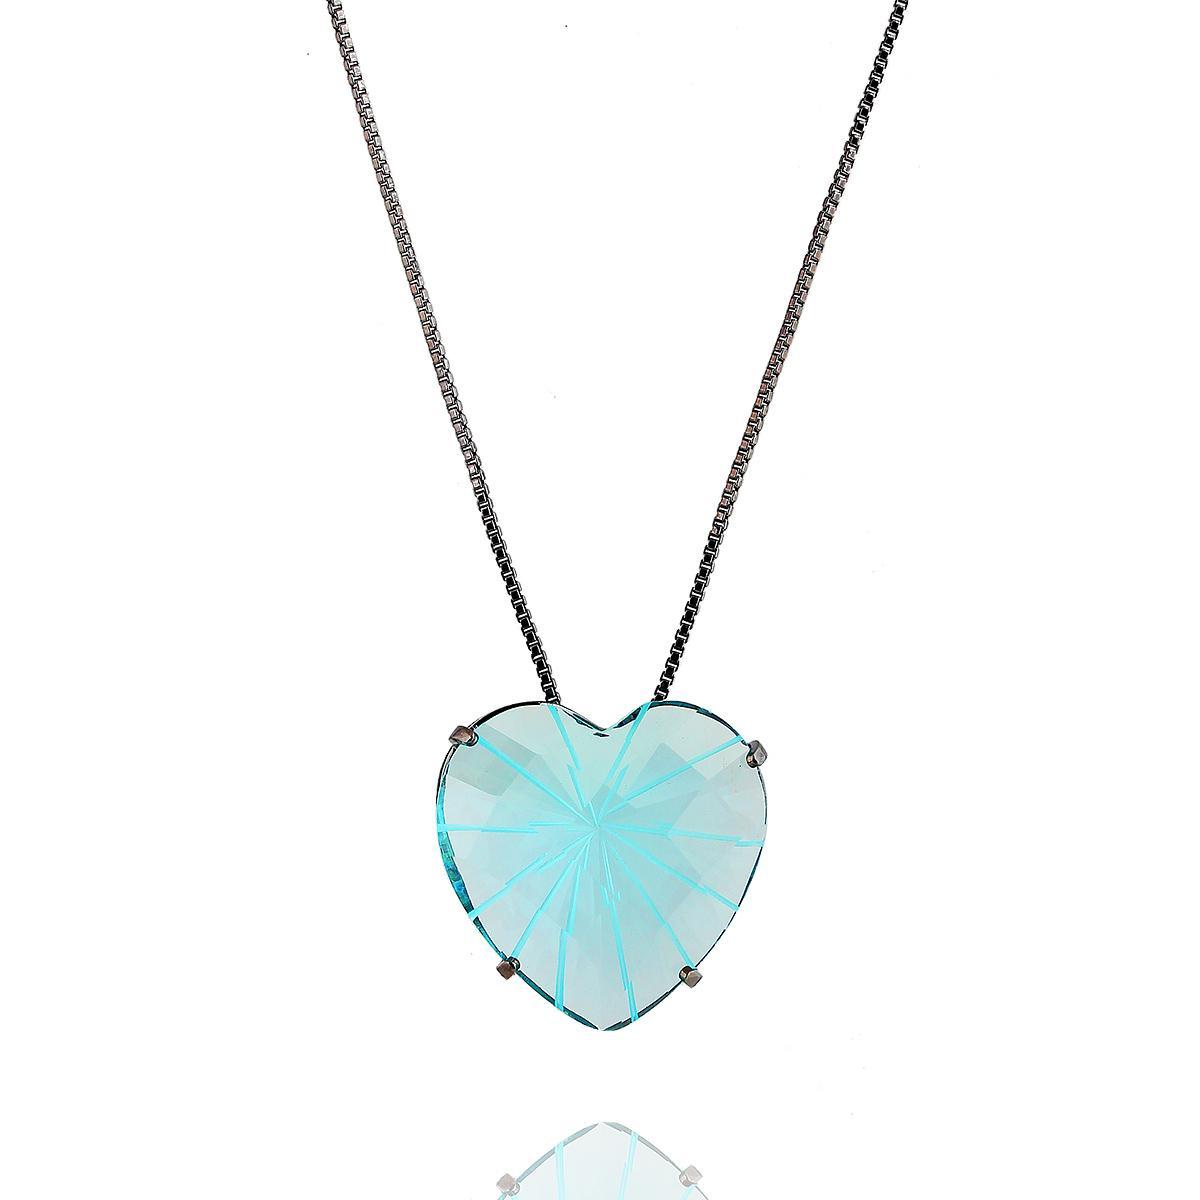 colar aurora boreal coração zircônia azul ródio negro